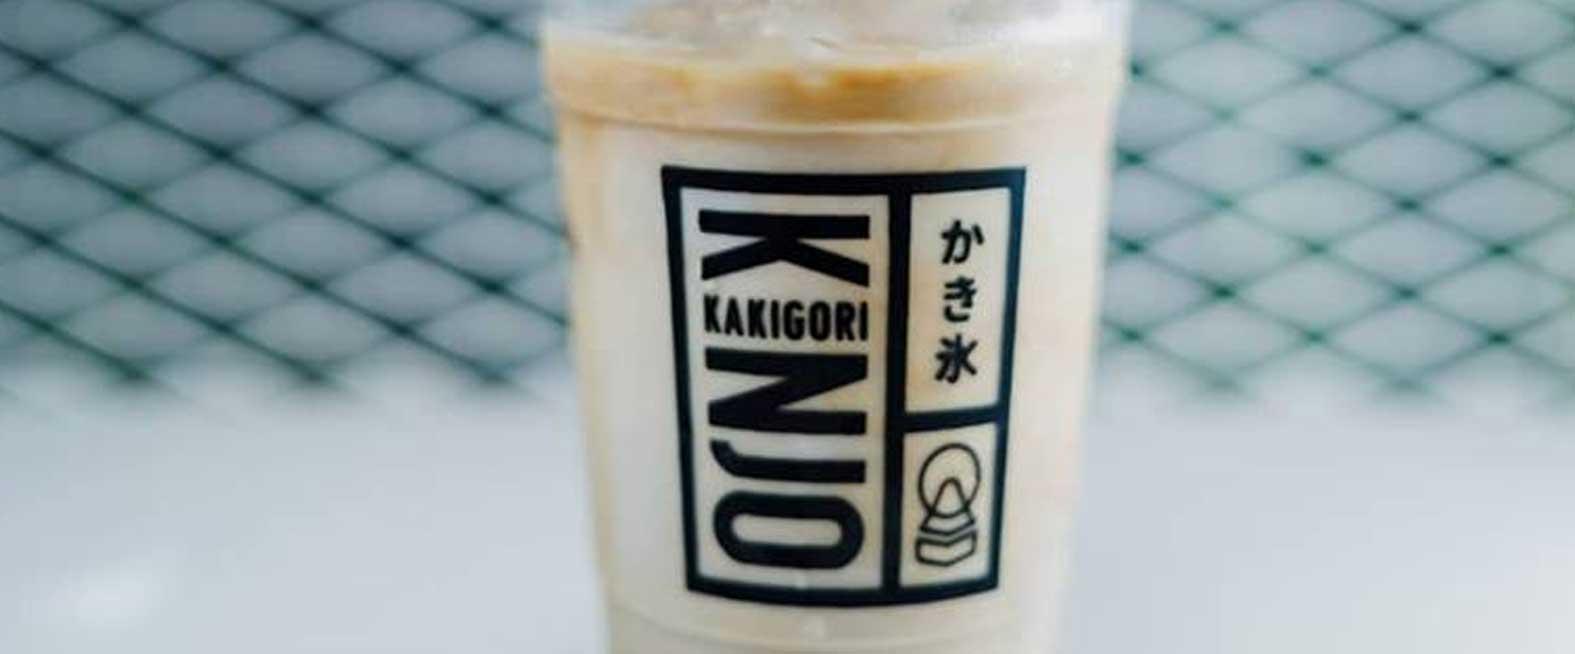 Kinjo Kakigori